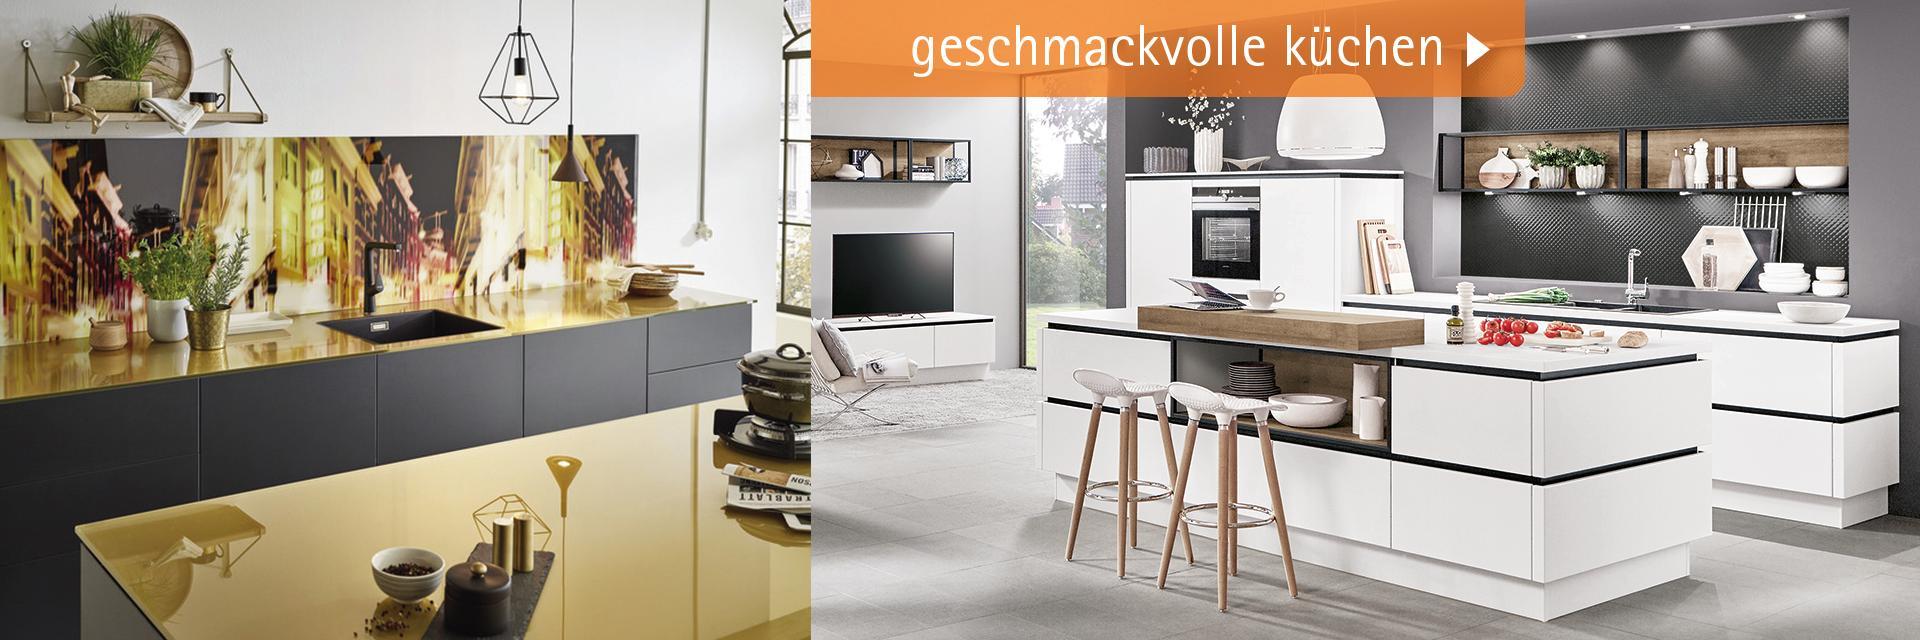 Full Size of Küche Wasserhahn Wandanschluss Schwingtür Modulküche Ikea Landküche Laminat Für Tapete Landhaus Weiße Komplette Led Deckenleuchte Küche Einzelschränke Küche